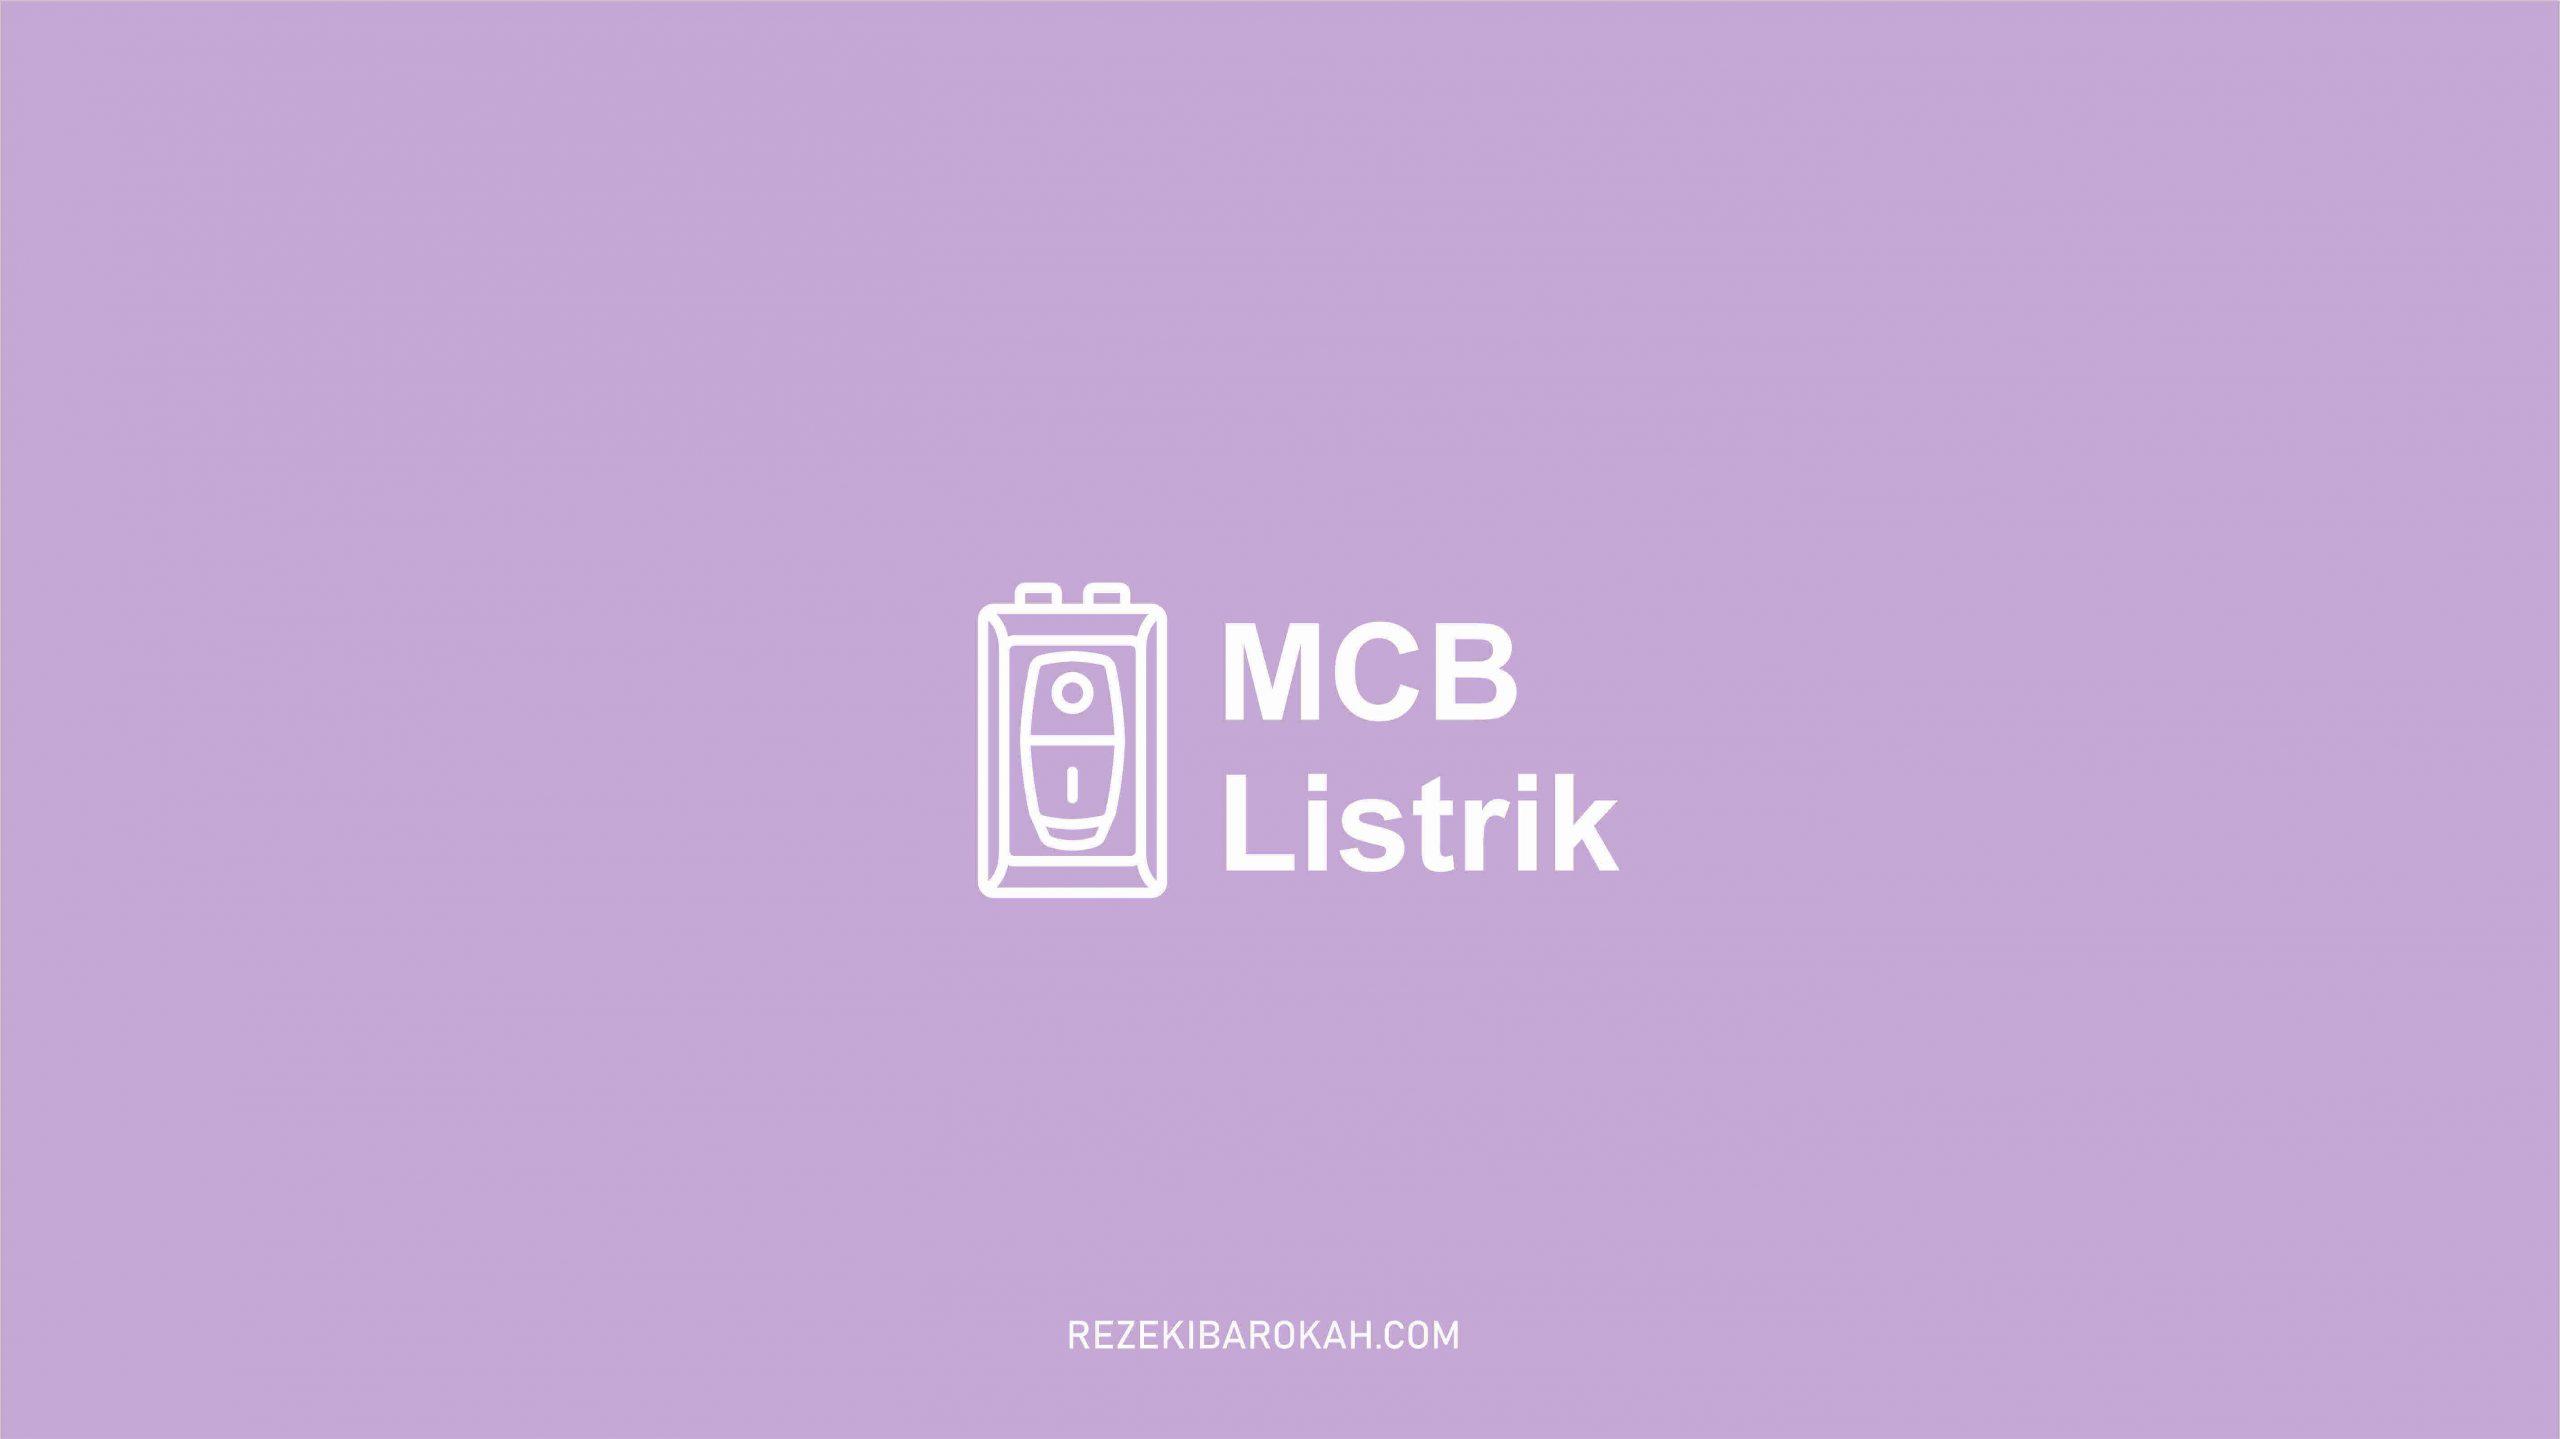 fungsi MCB